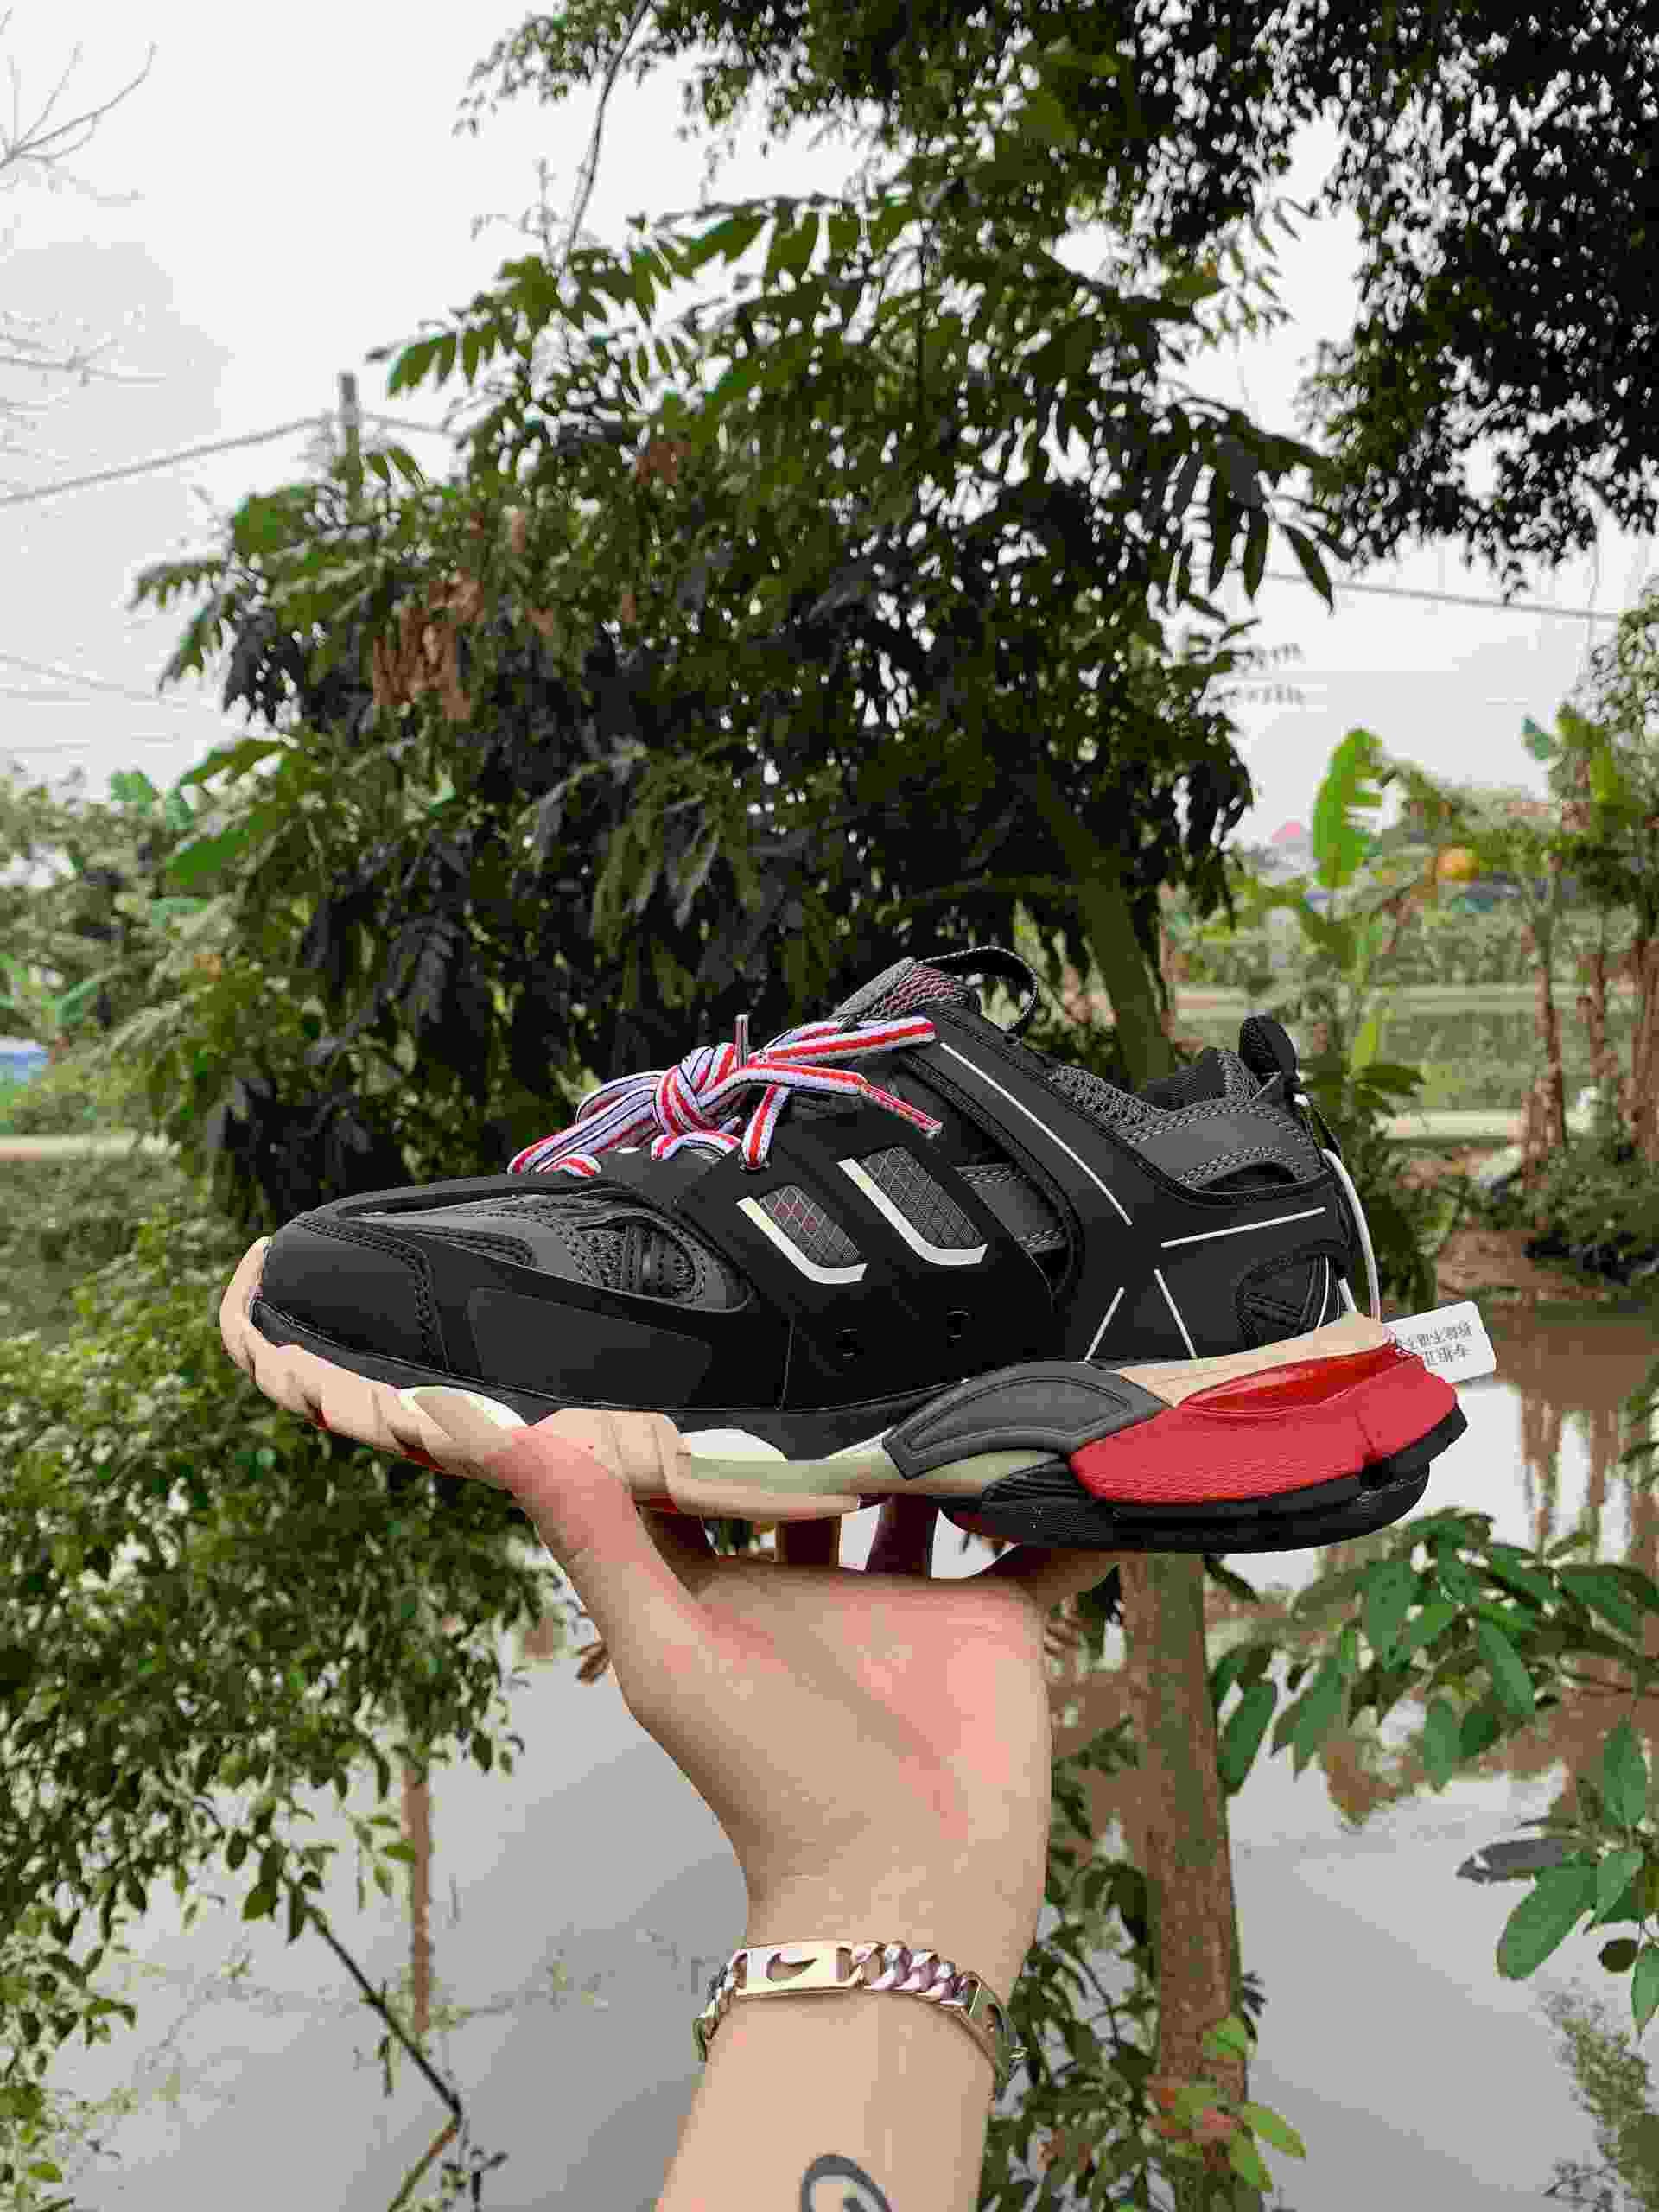 Mẫu giày Balenciaga Track Đỏ Đen rep 1:1 sử dụng cách phối màu đỏ - đen nổi bật